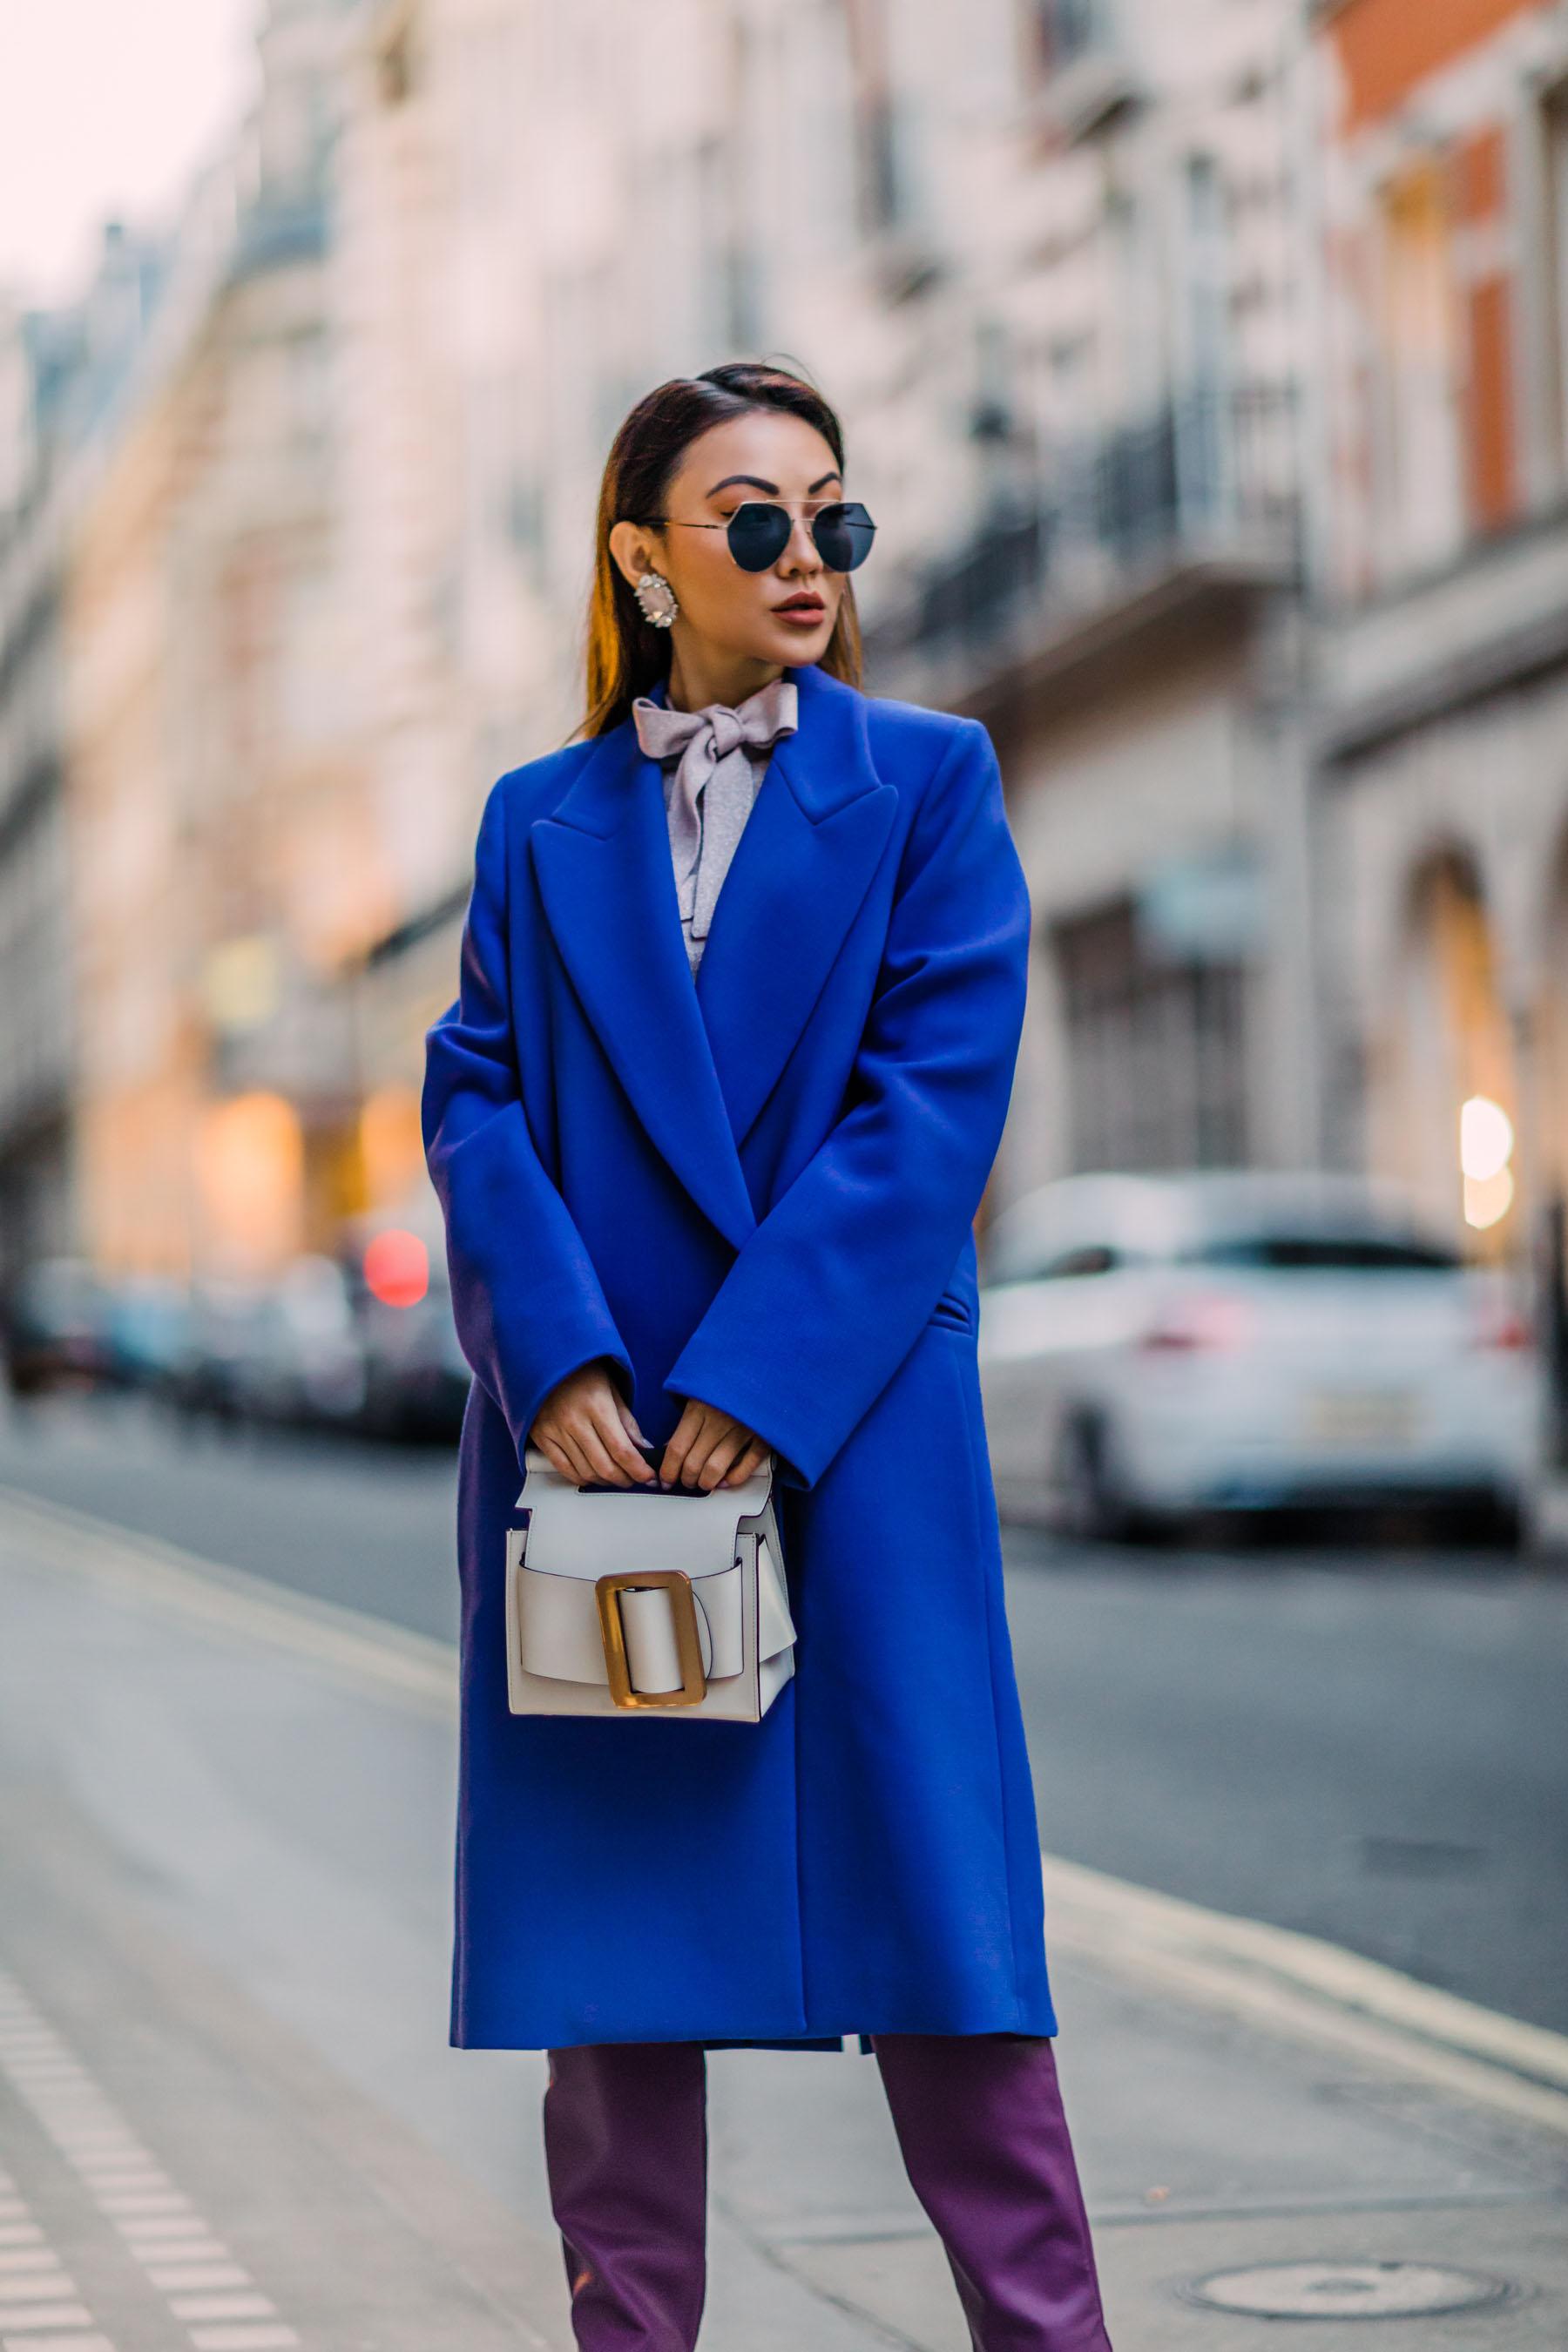 London Fashion Week Recap 2 - blue coat, white boots, purple pants, bold colors outfit // Notjessfashion.com